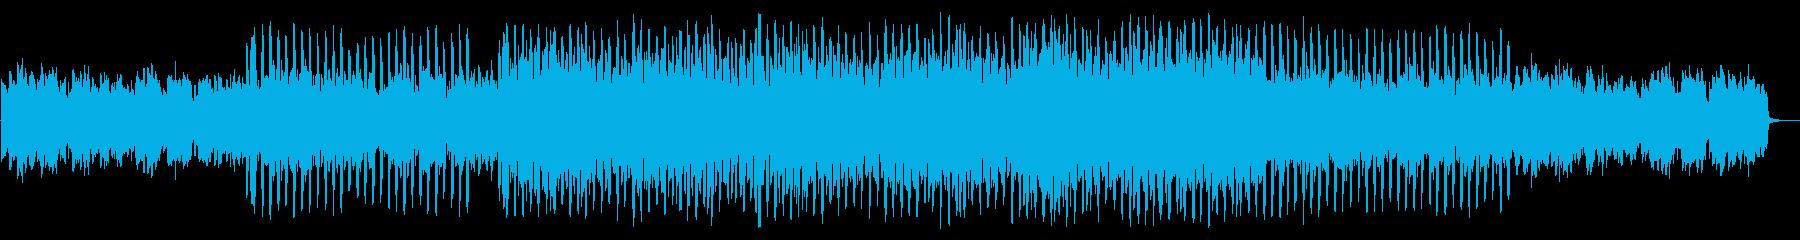 映像に最適なかわいいエレクトロポップの再生済みの波形